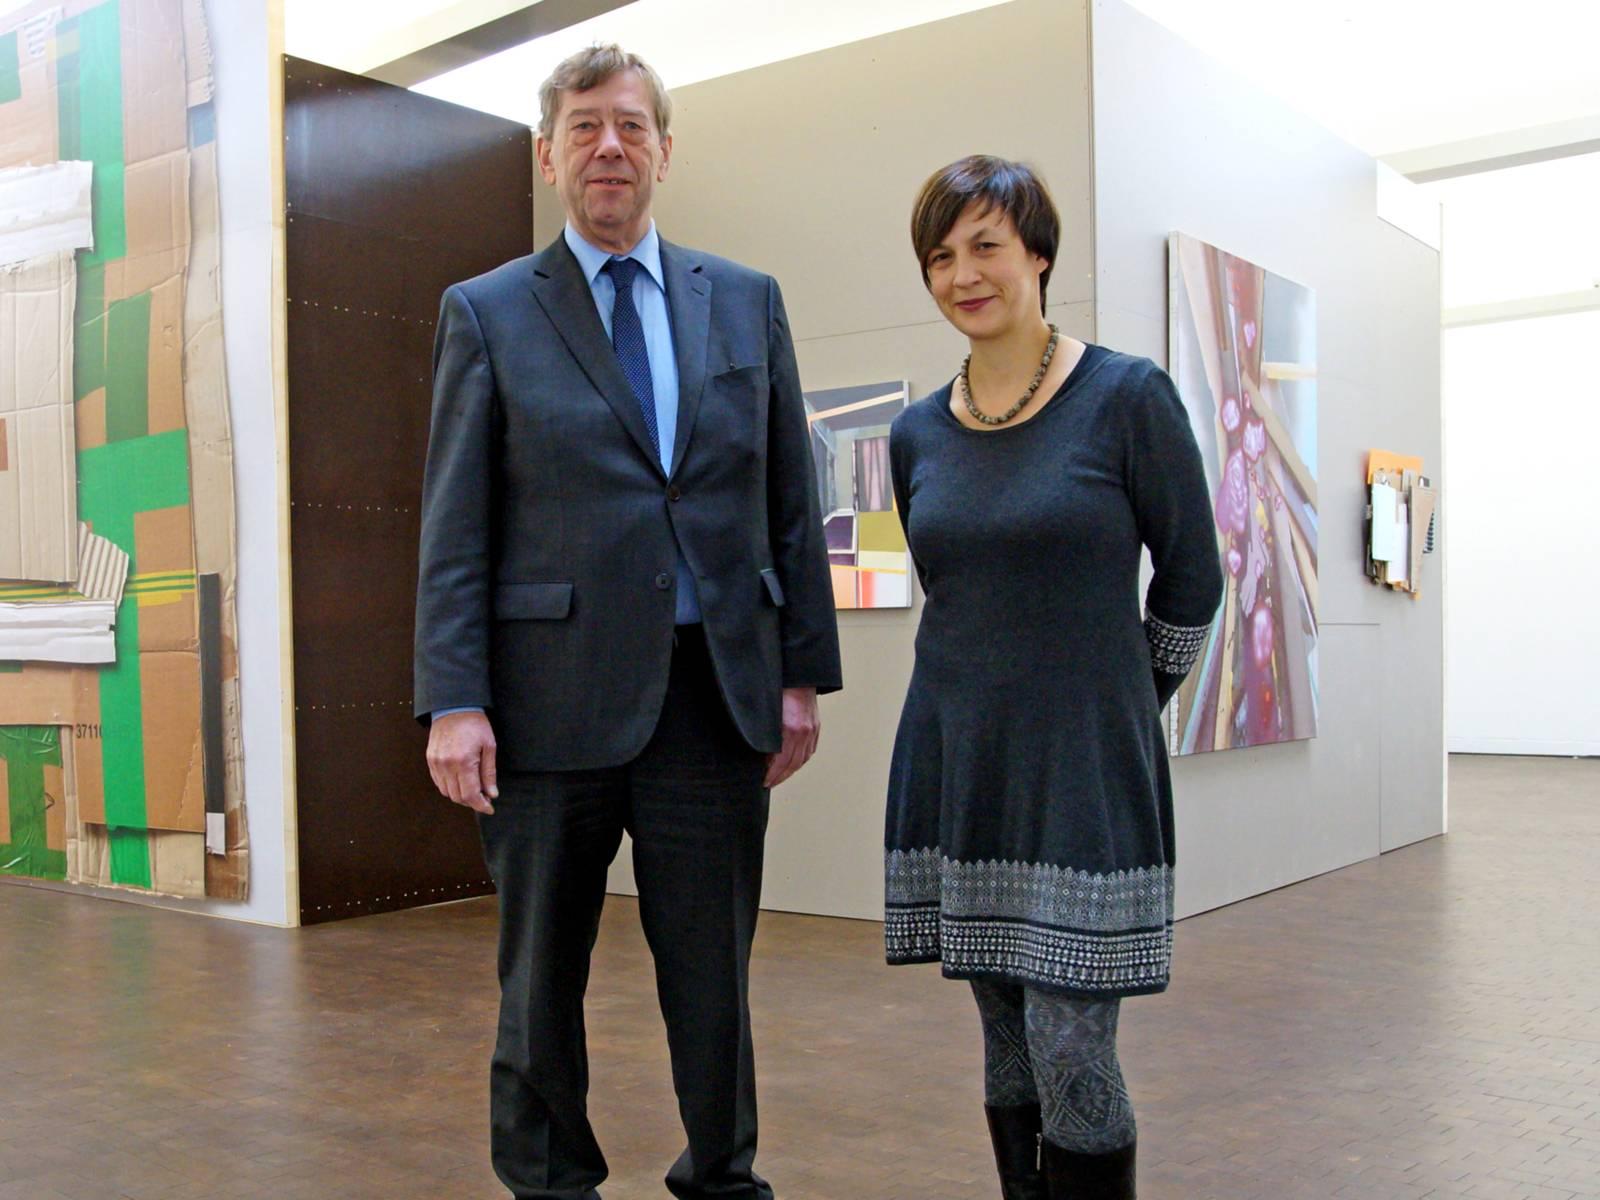 Mann und Frau in einer Galerie.